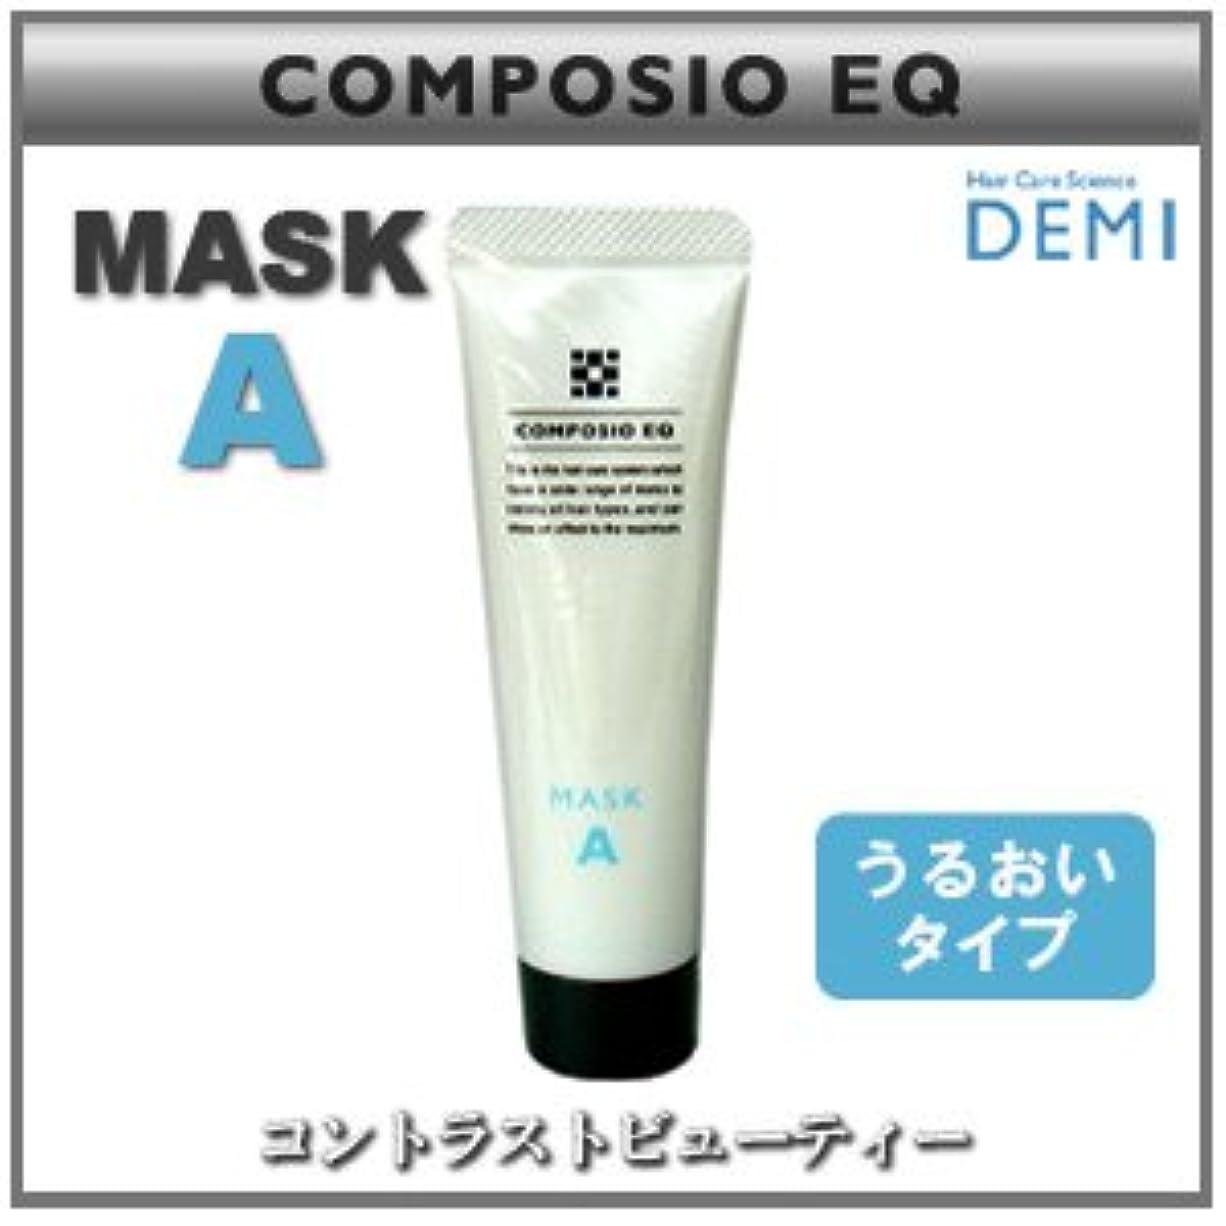 虚栄心まさに宣言する【X5個セット】 デミ コンポジオ EQ マスク A 50g